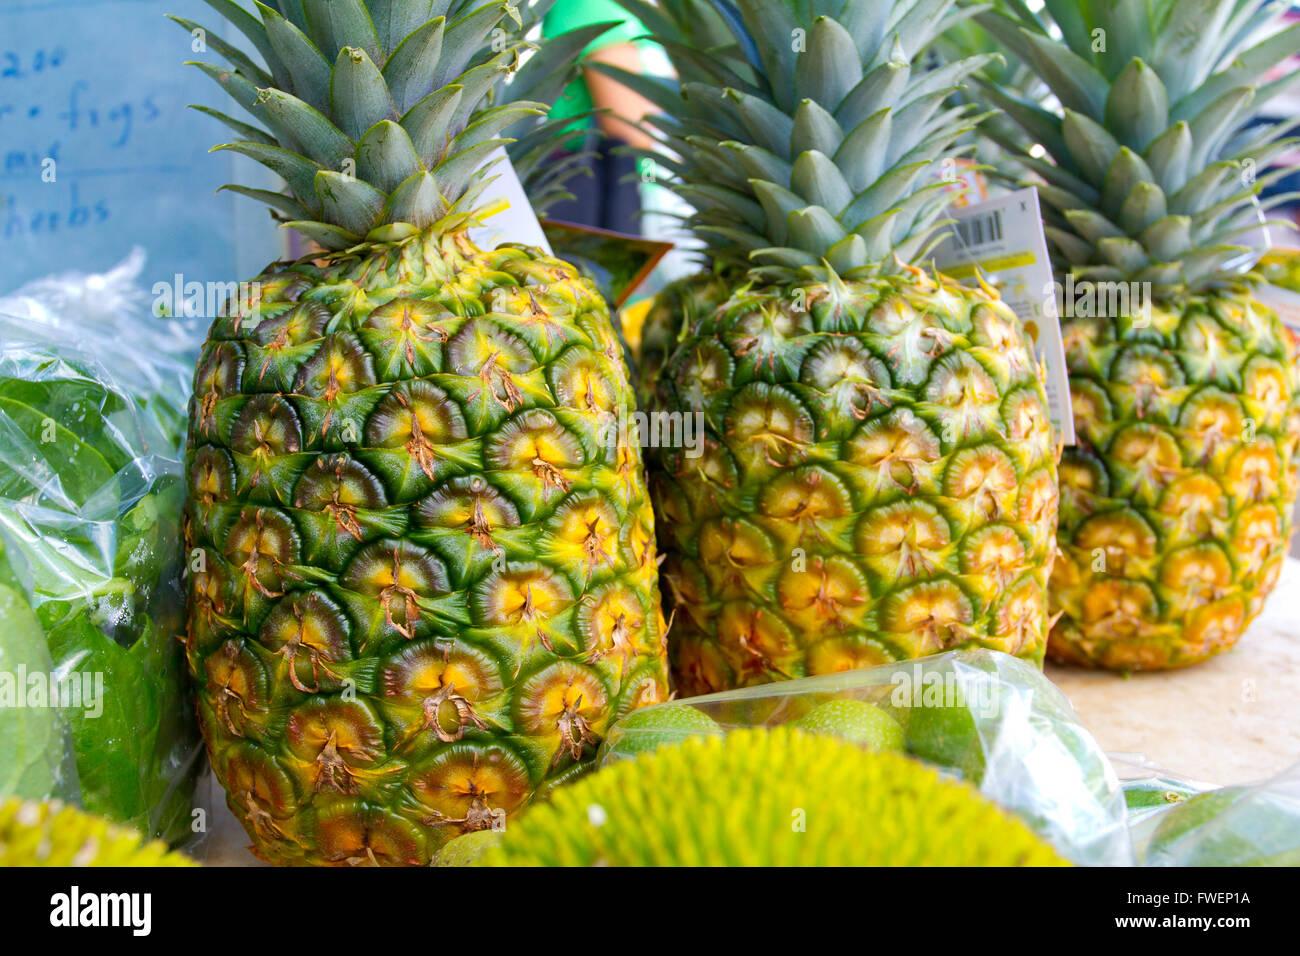 Erfreut Früchte Und Gemüse Färben Zeitgenössisch - Druckbare ...